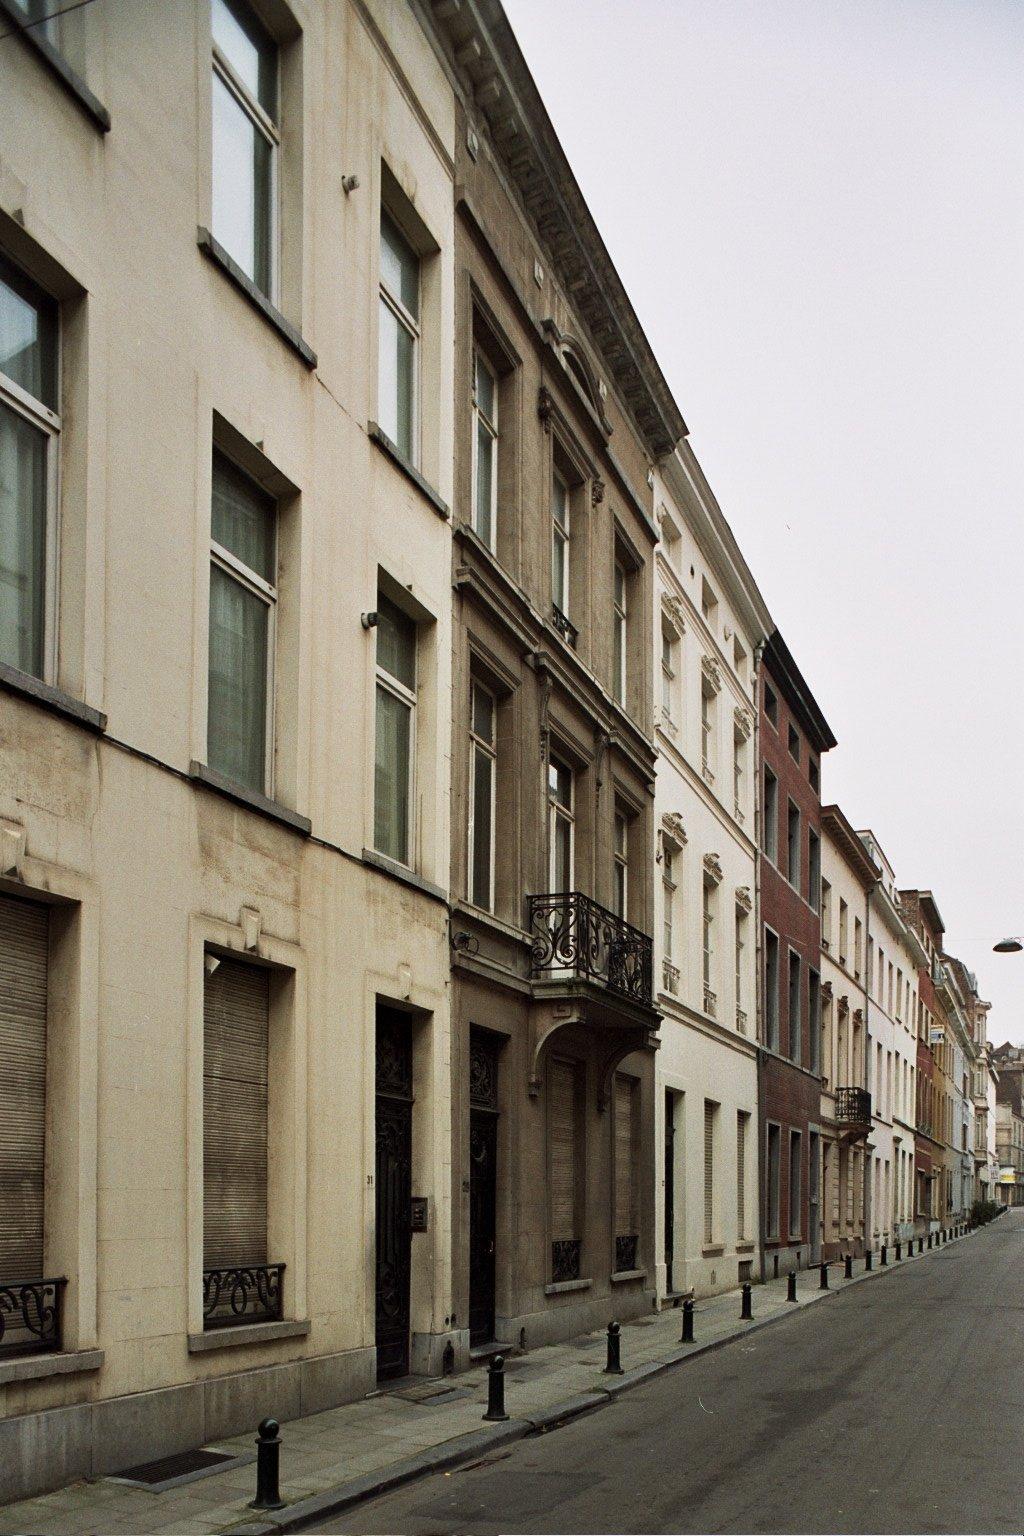 Rue d'Edimbourg, enfilade d'immeubles homogène (côté impair)., 2008